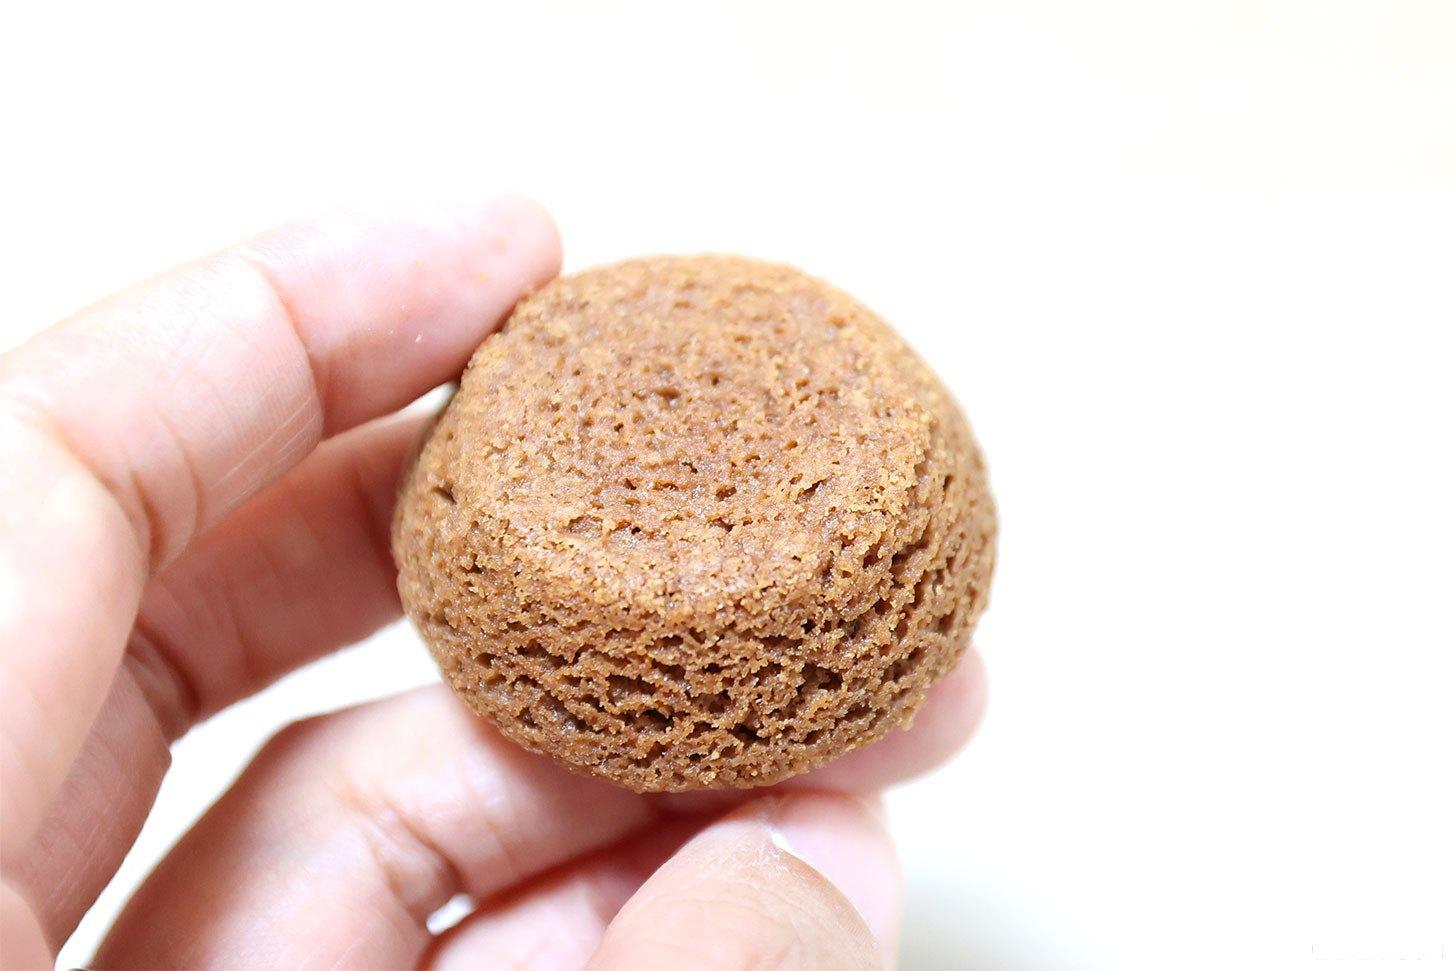 防災スイーツ「チョコレートガレット」